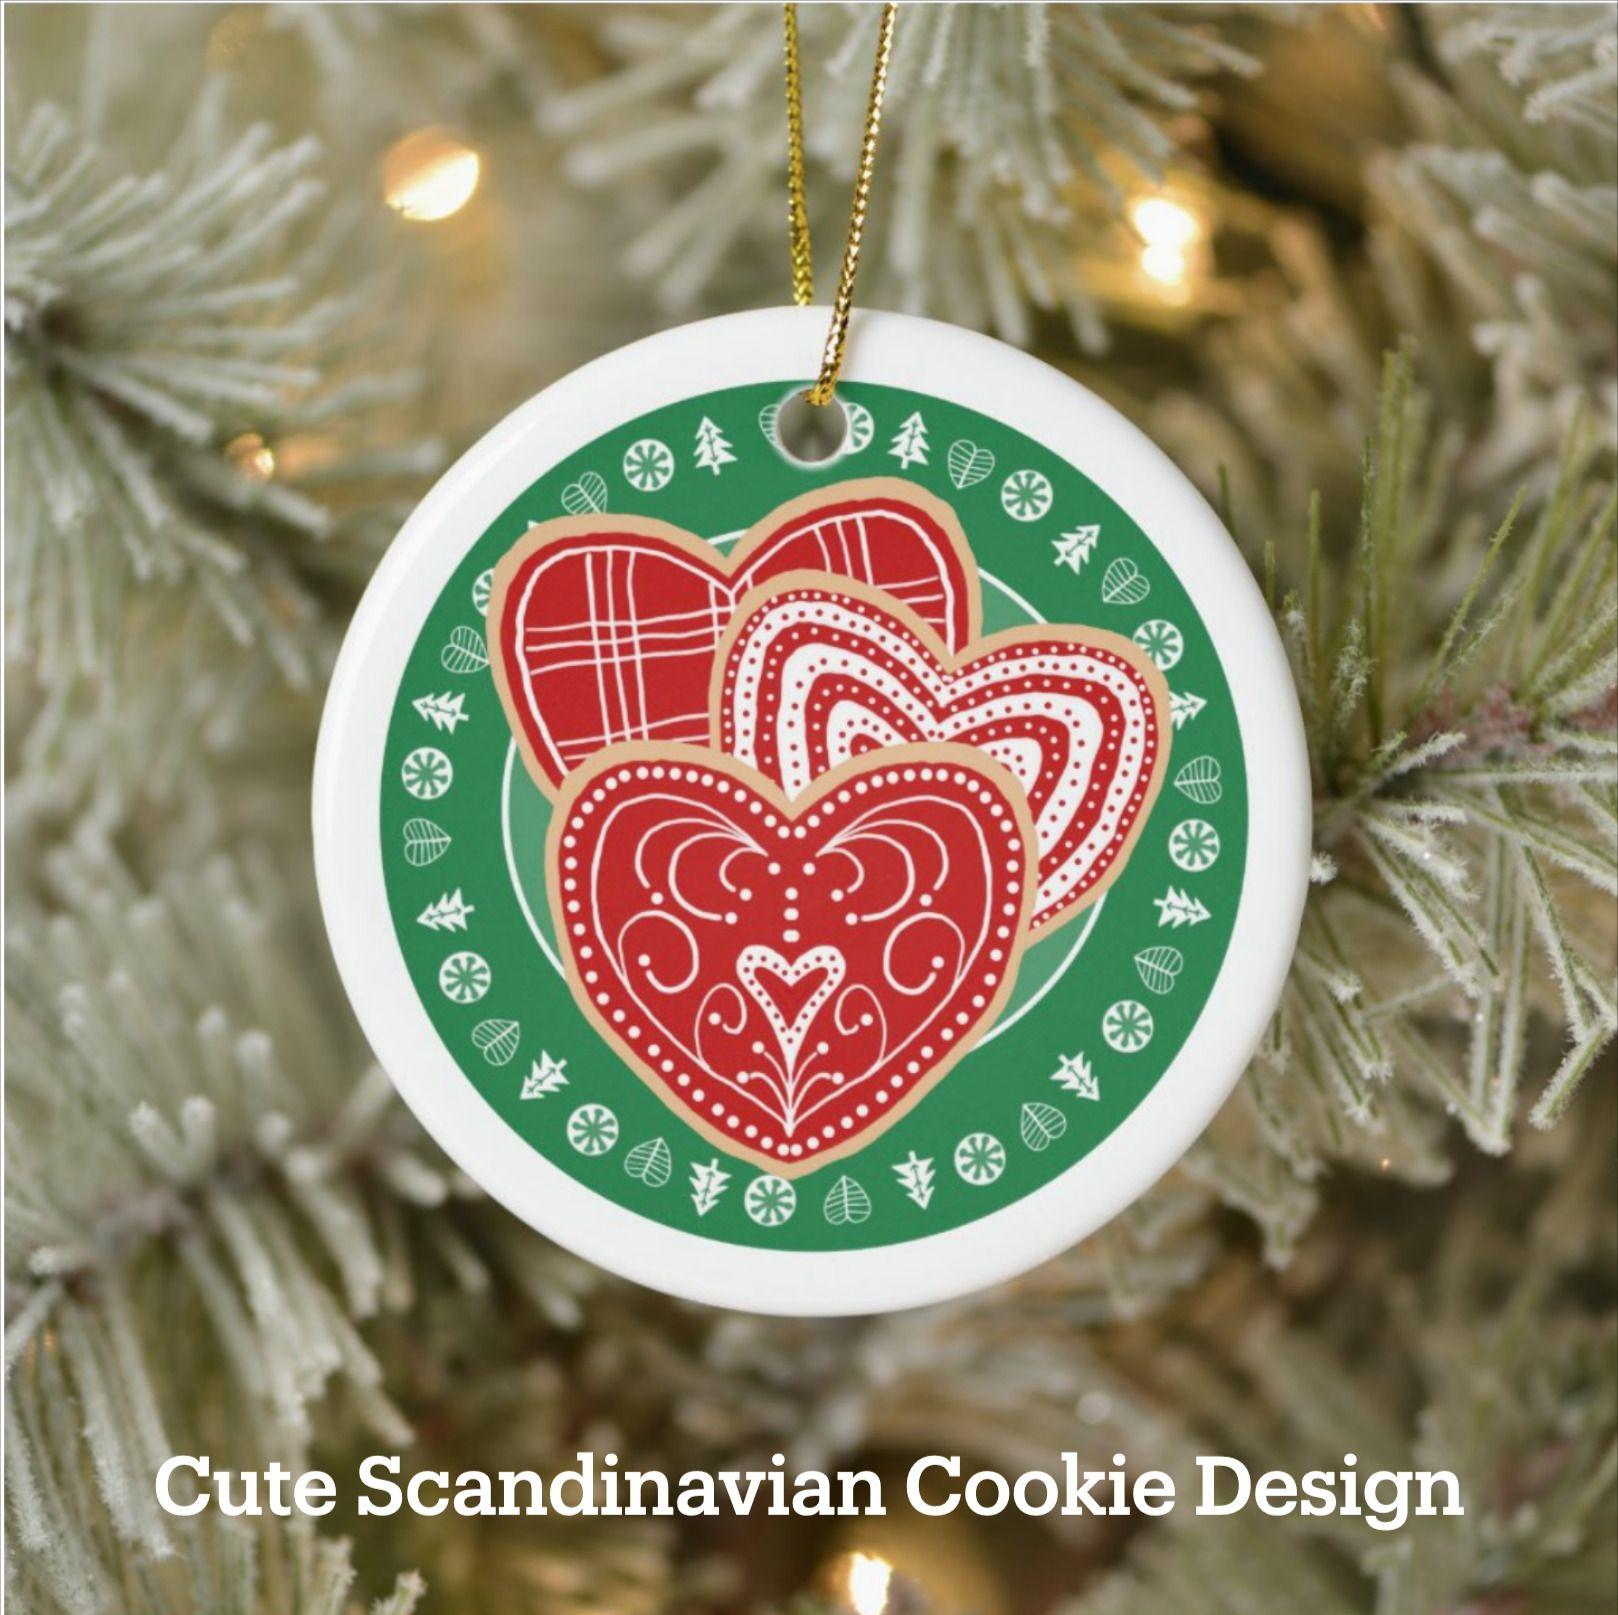 Scandinavian Christmas Cookies Folk Art Ceramic Ornament Zazzle Com In 2020 Scandinavian Christmas Ceramic Ornaments Scandinavian